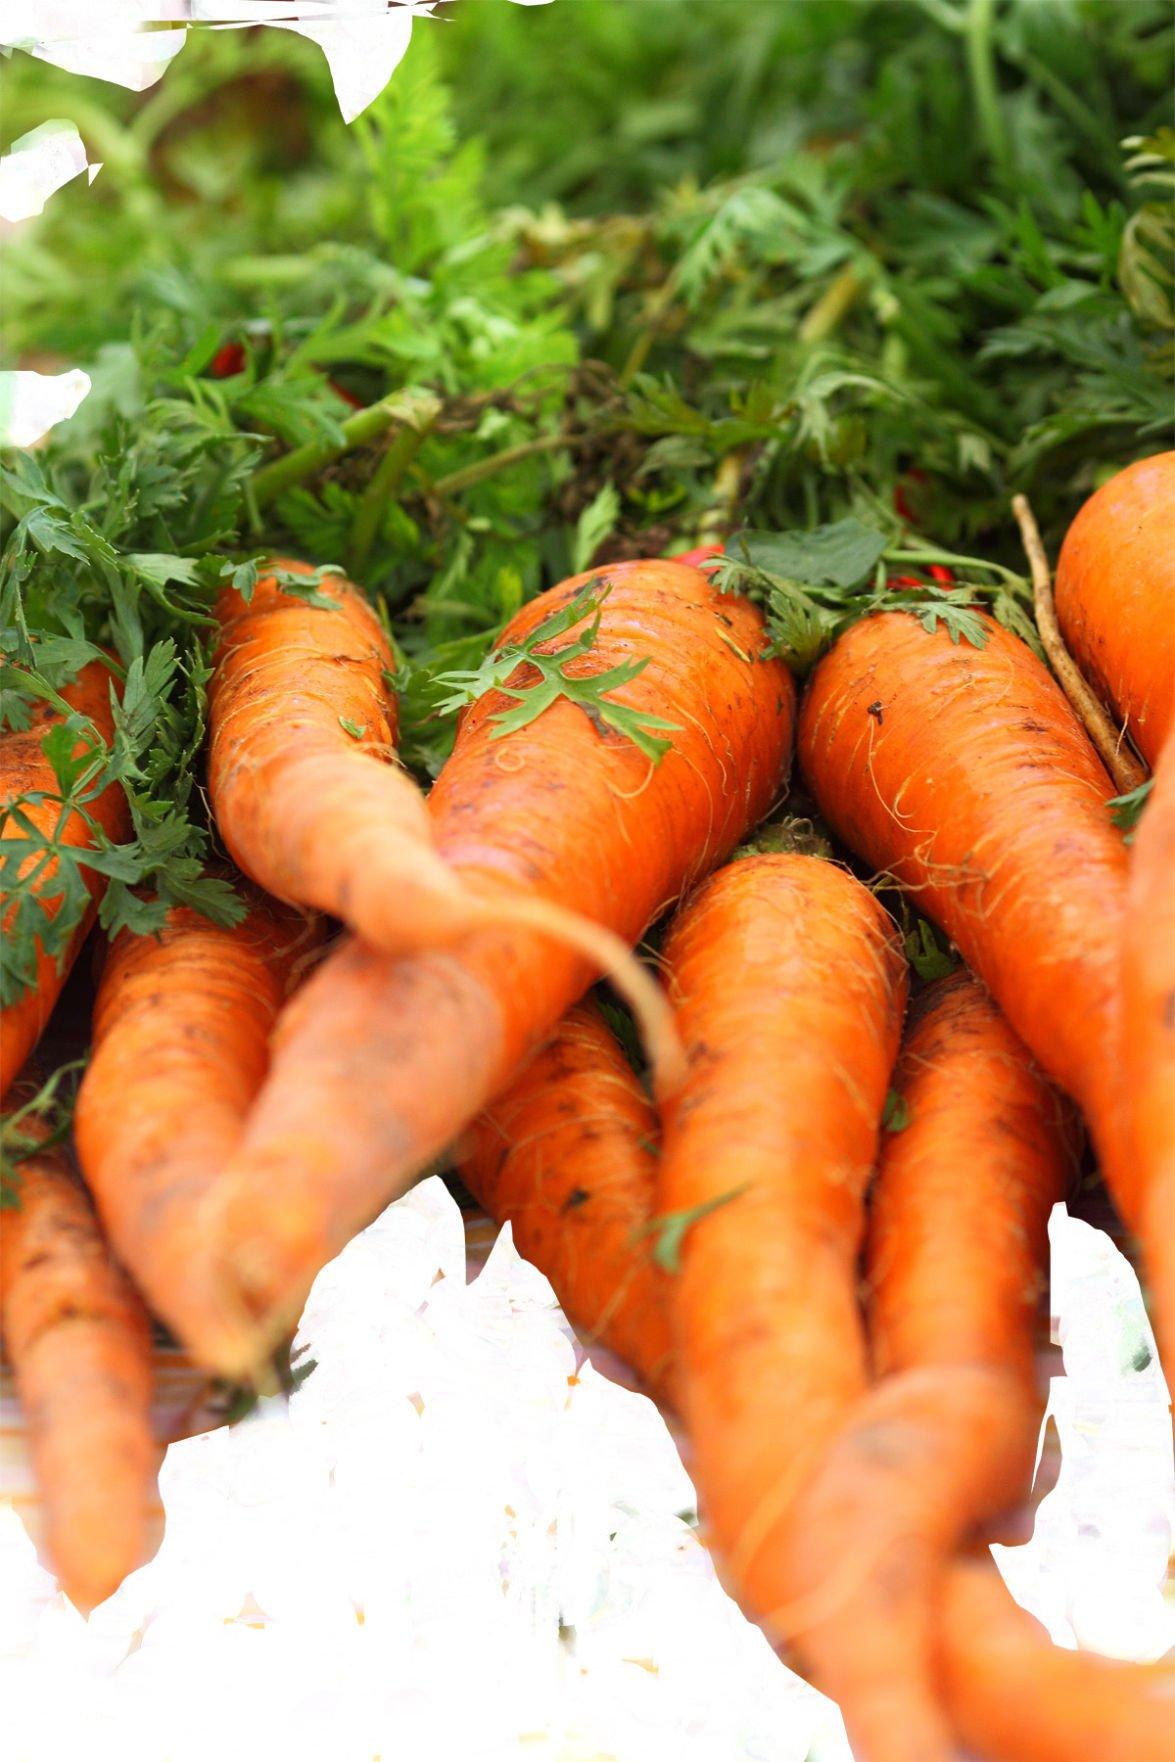 06-08_B3_carrotts